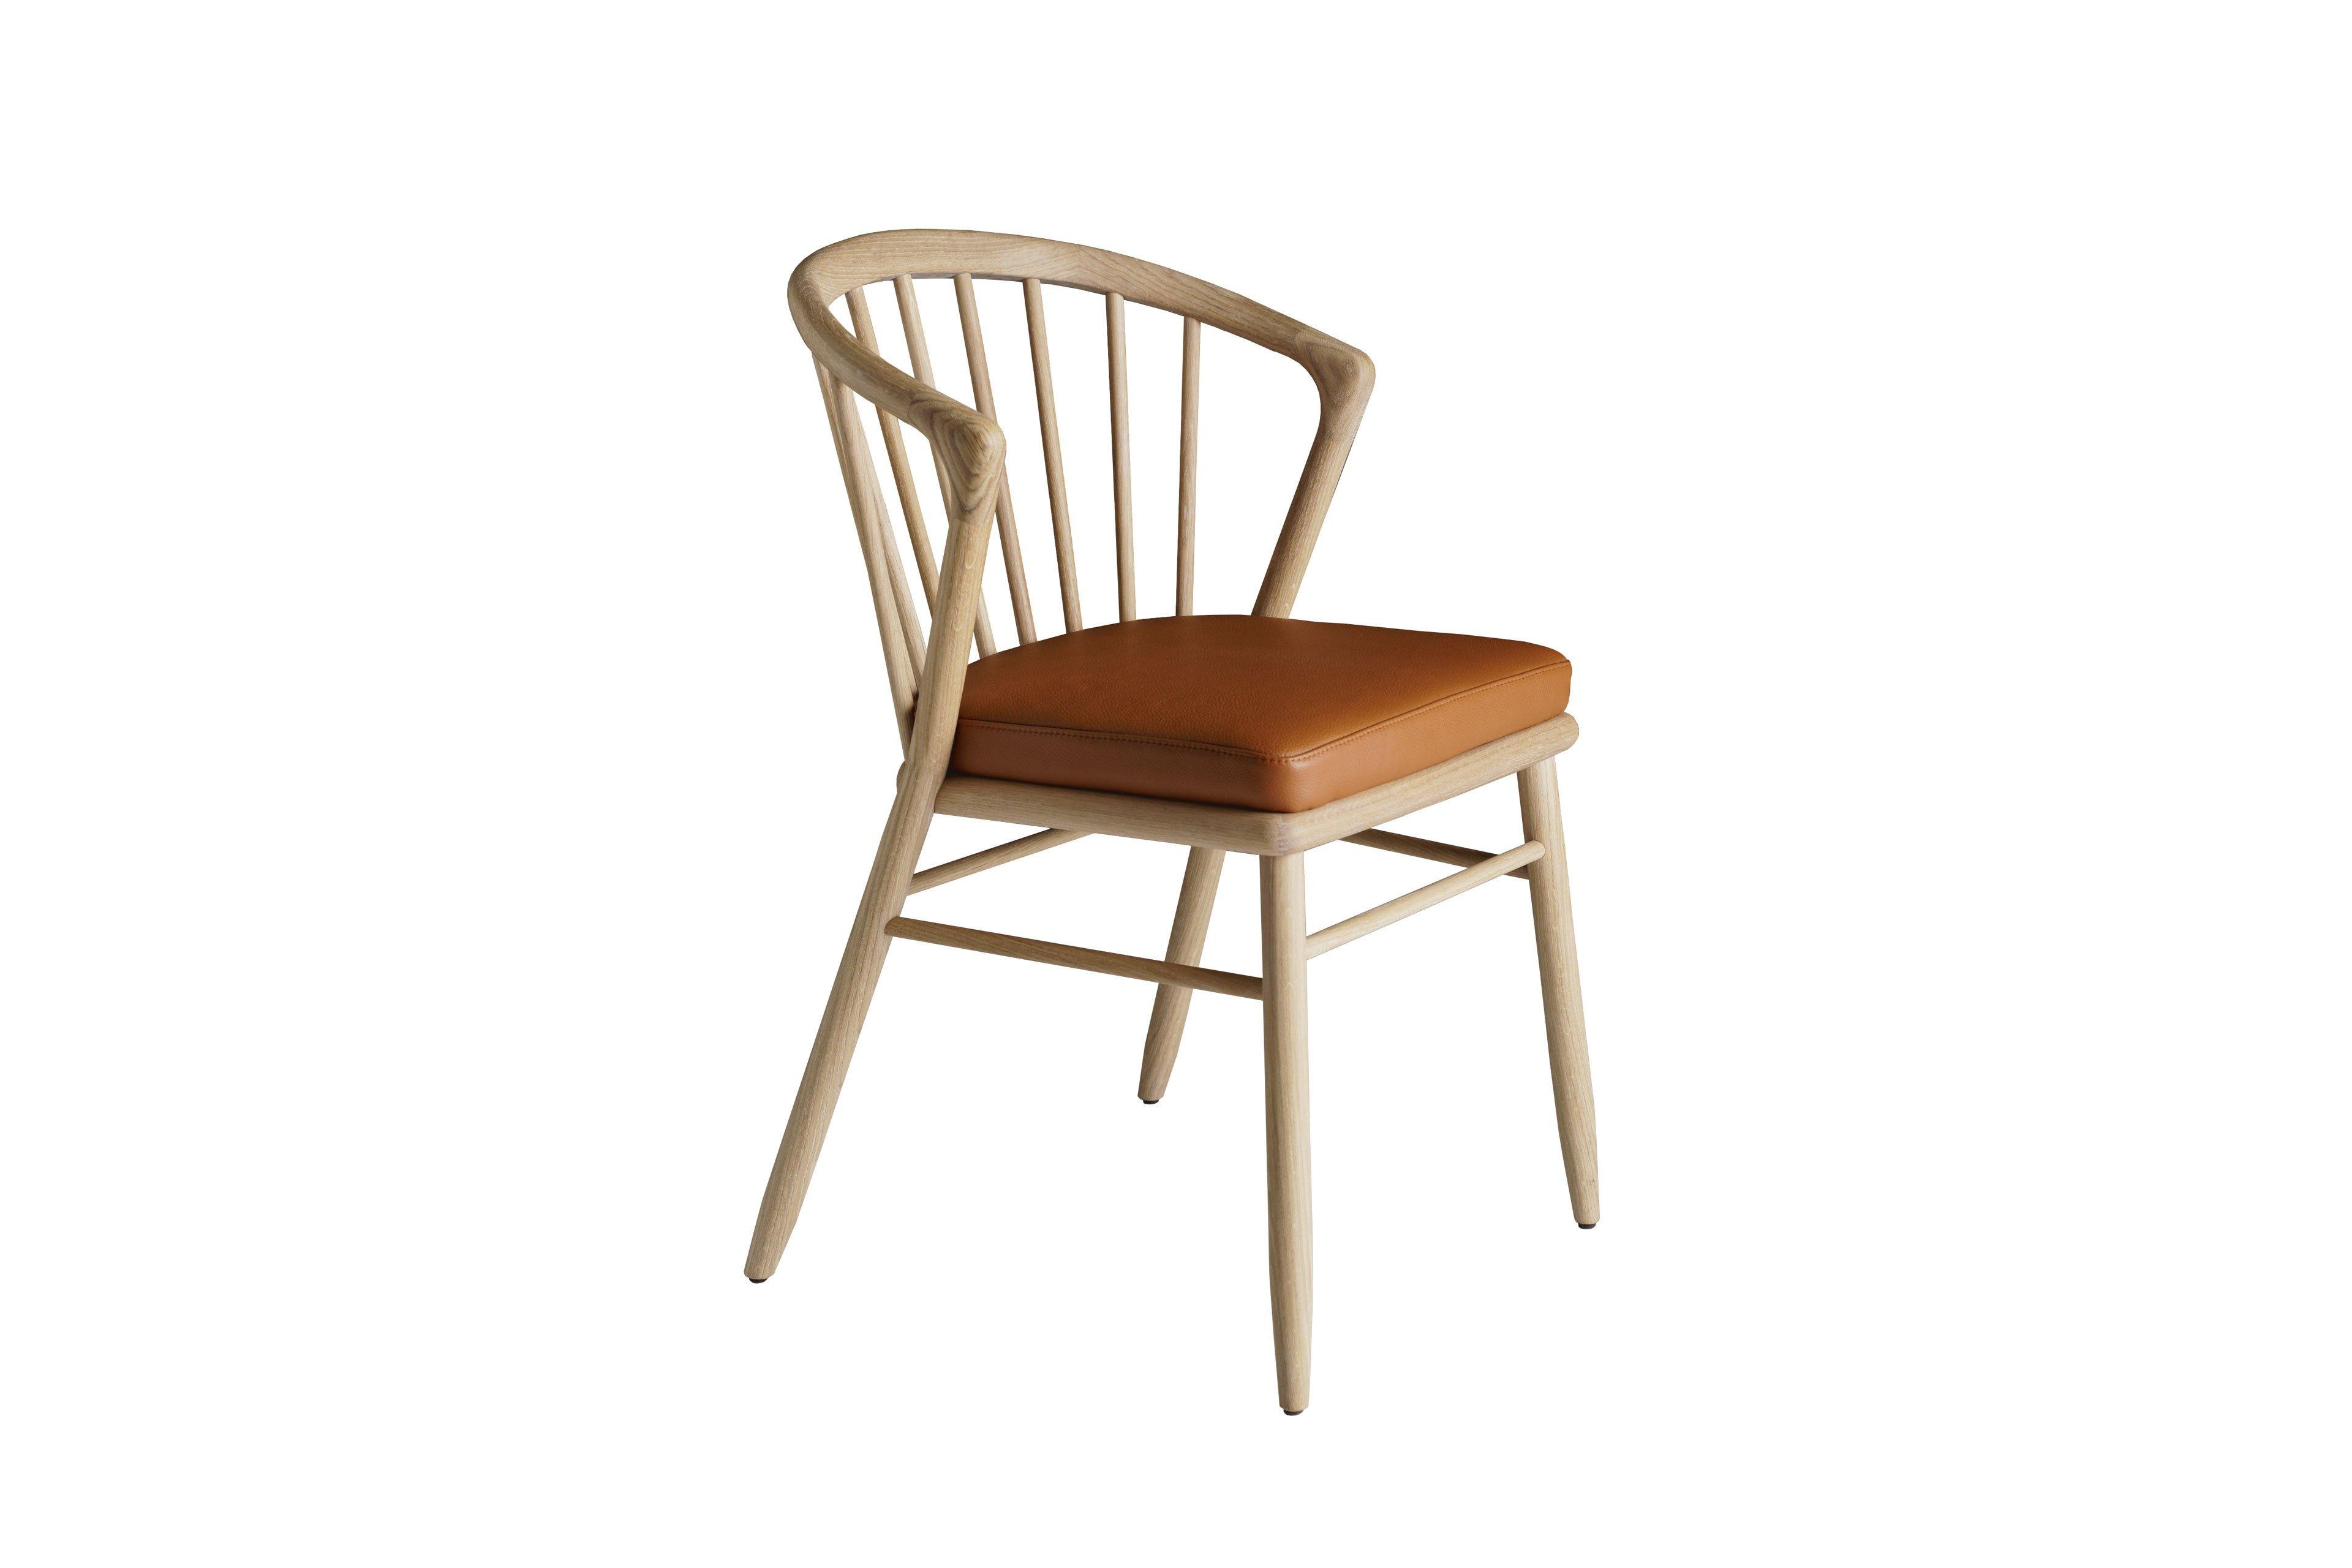 19 Holzsprossen Stuhl Voglauer Stuhl mit von WH2eEYD9I